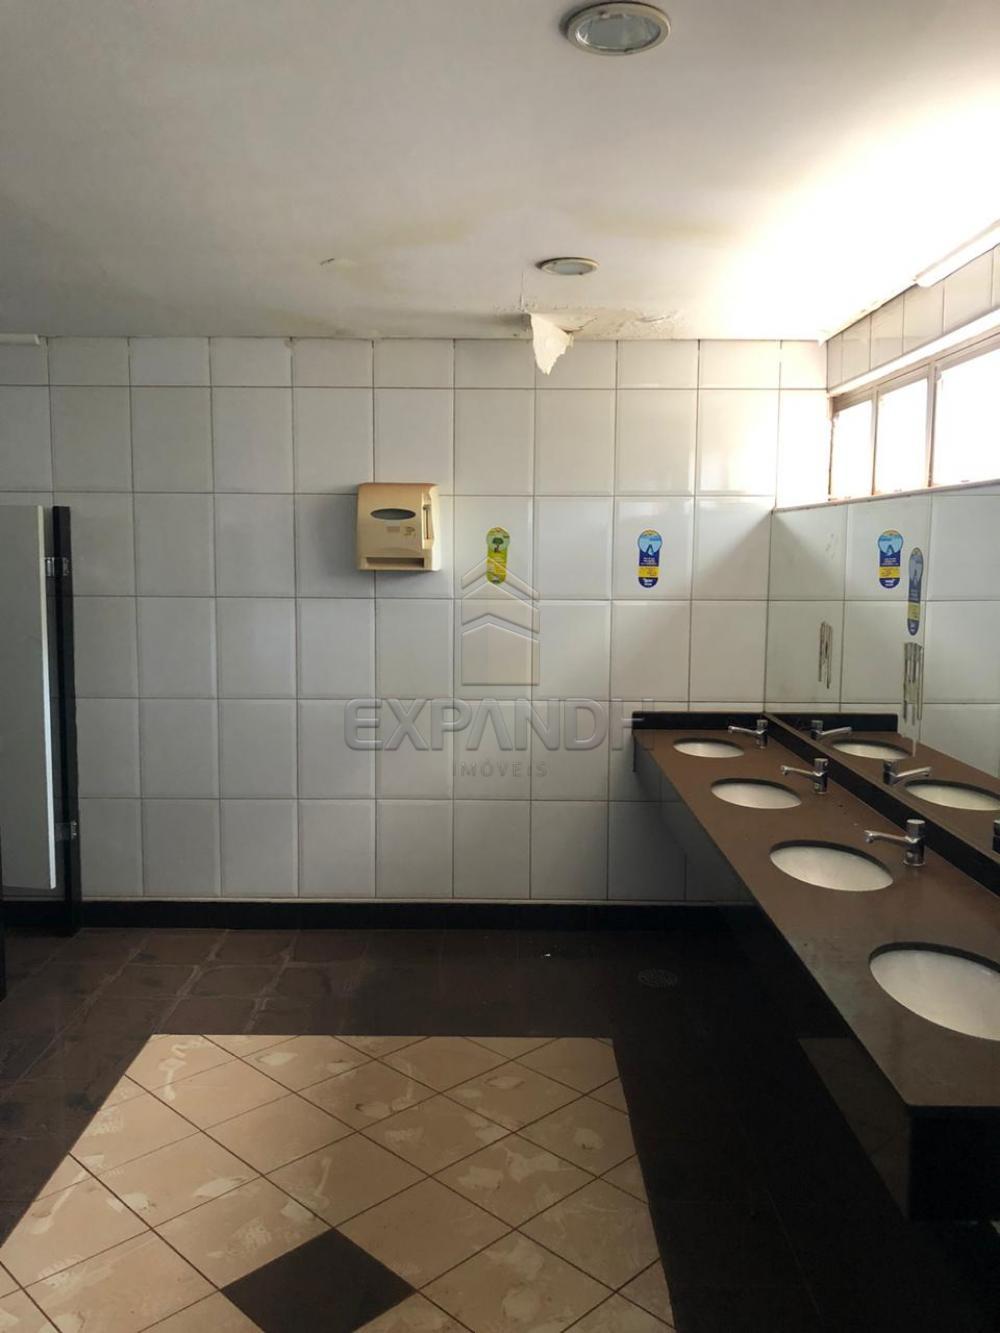 Alugar Comerciais / Sala em Sertãozinho R$ 4.000,00 - Foto 13